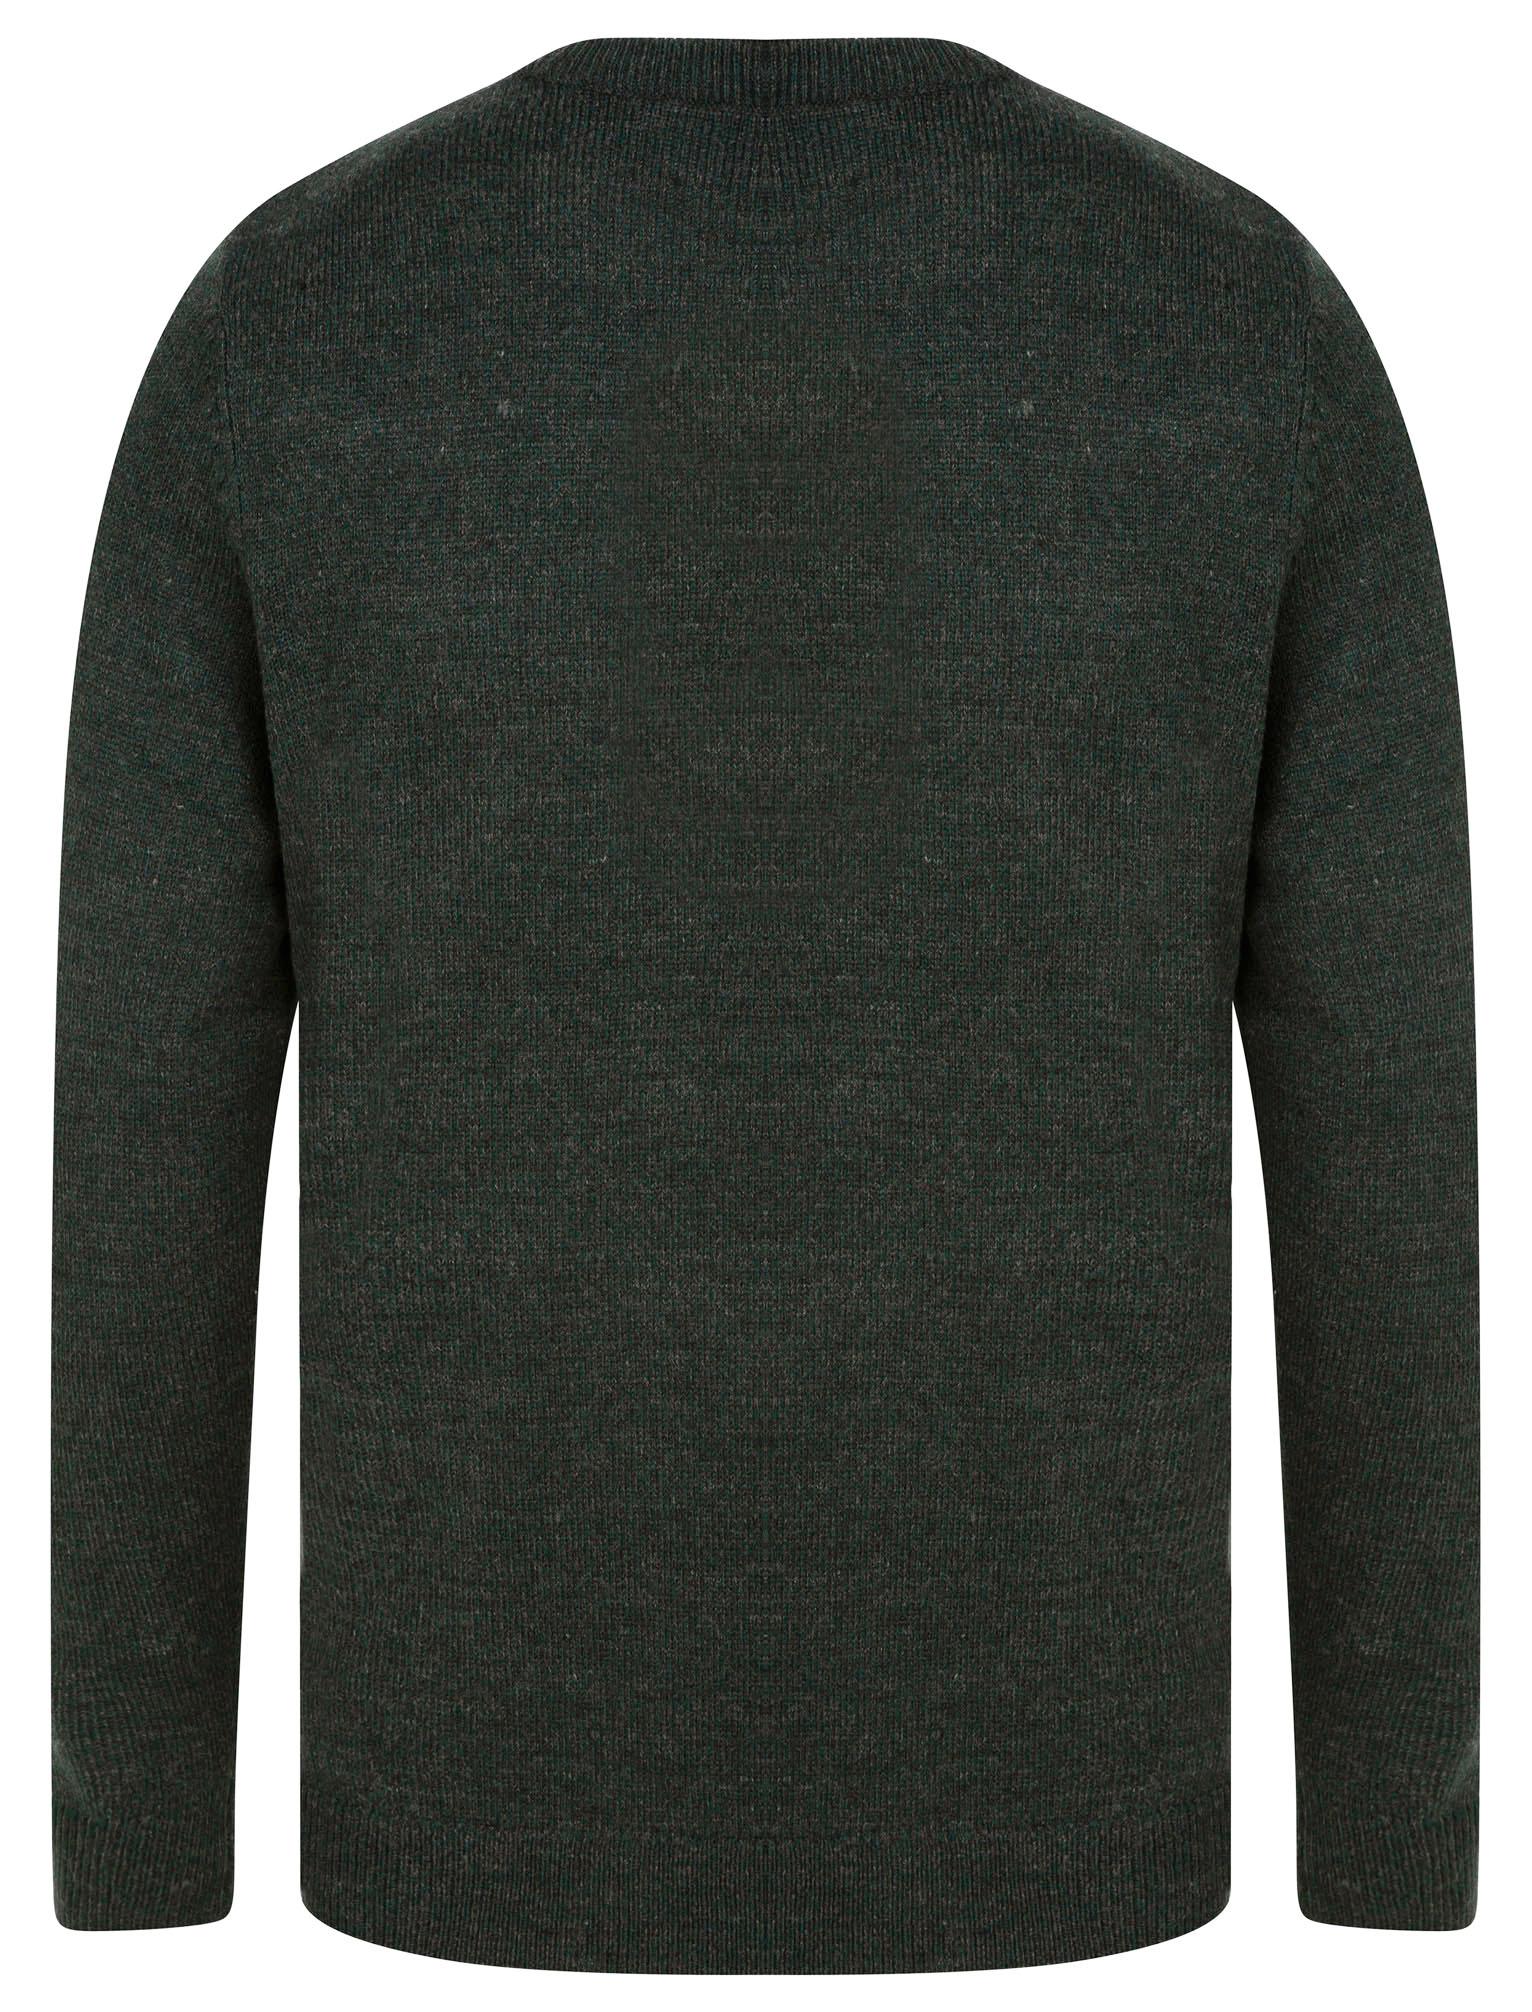 Kensington-Eastside-Men-039-s-Knitted-Crew-or-V-Neck-Jumper-Sweater-Top-Pullover thumbnail 92